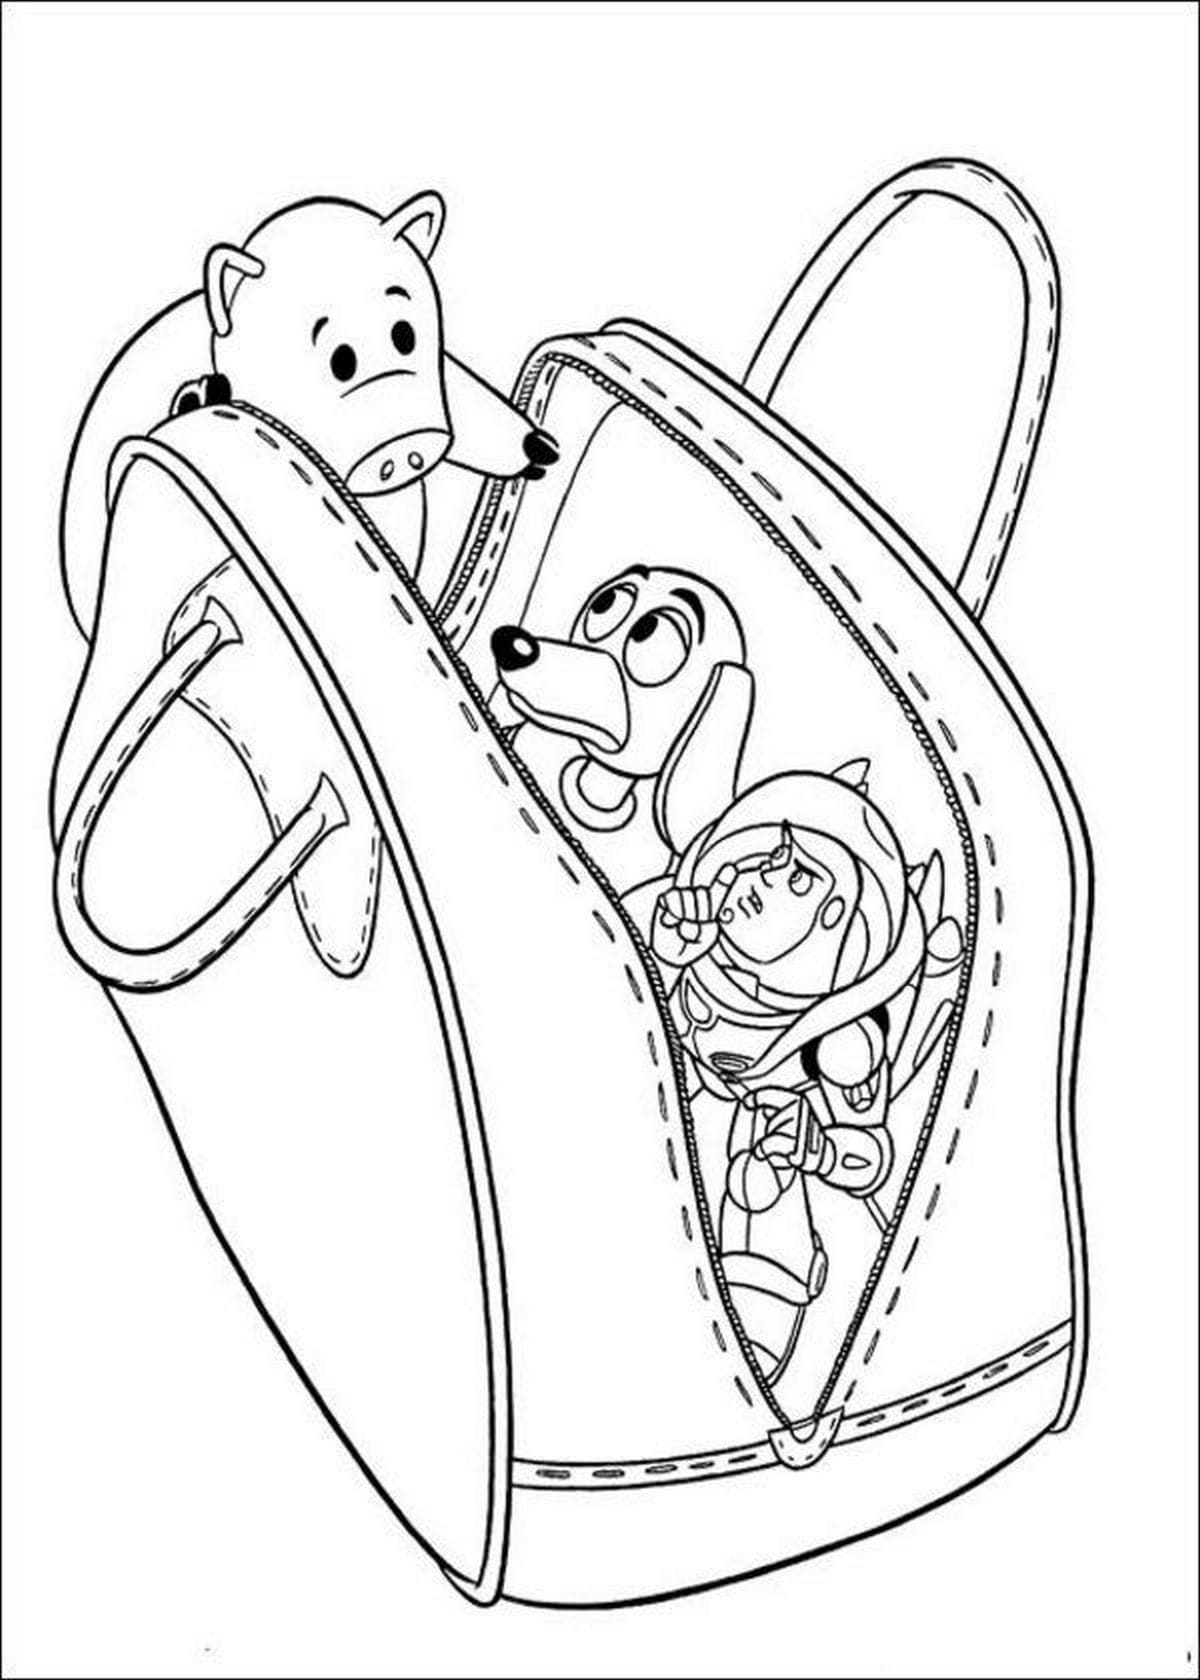 Dibujos de Toy Storypara colorearImprime gratis para niños